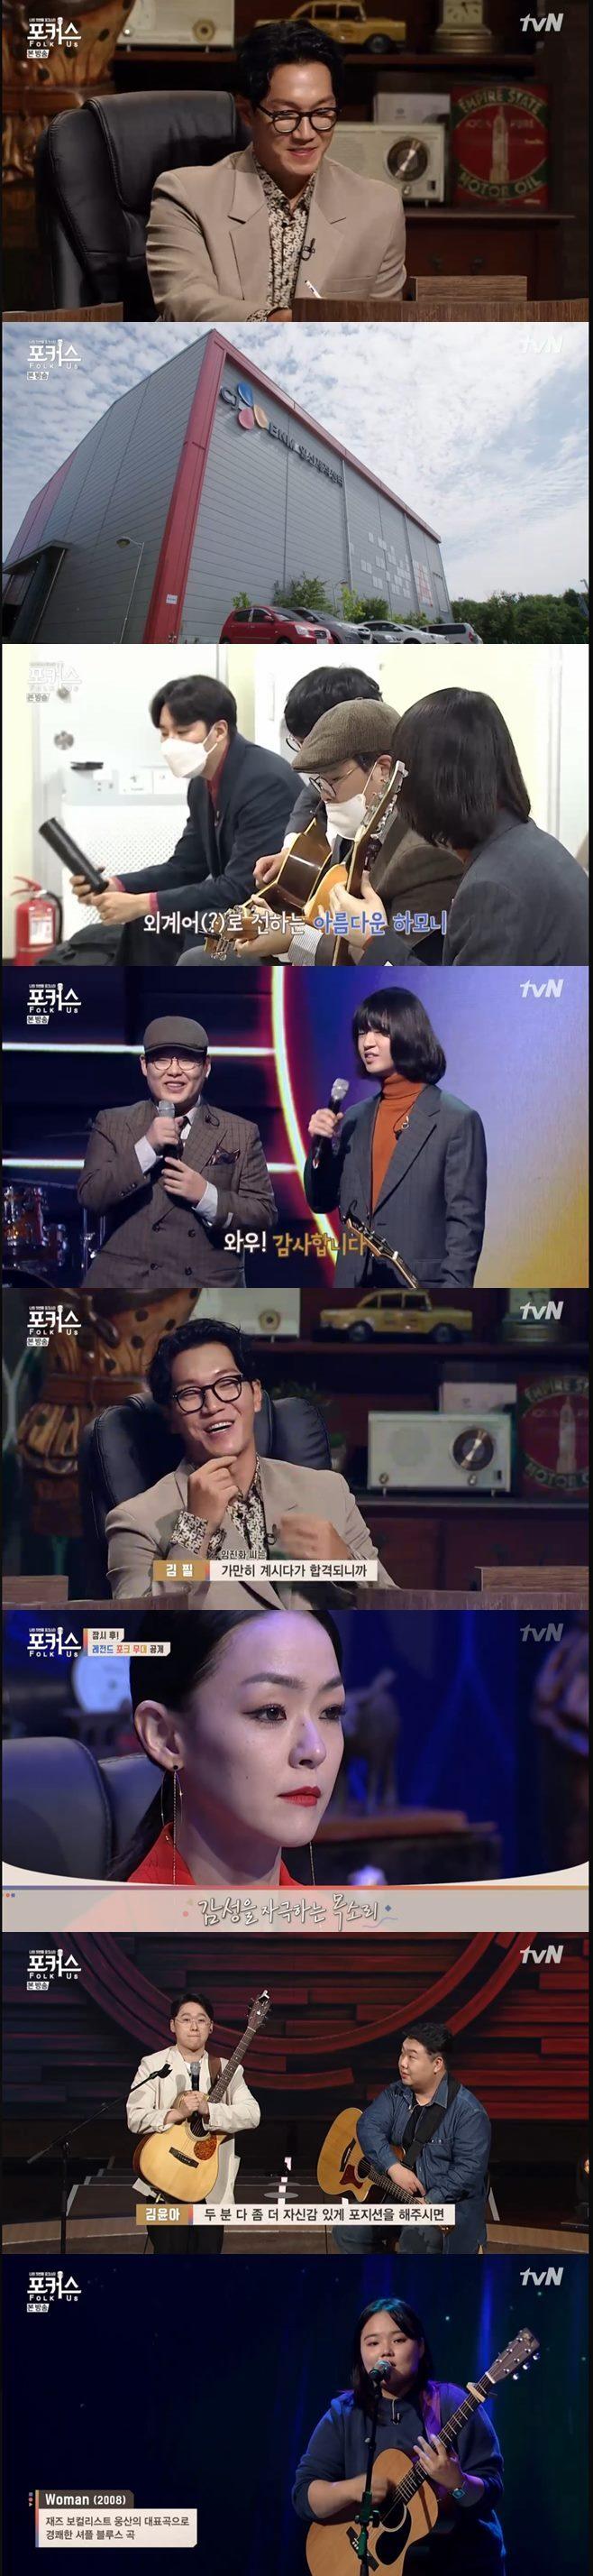 포커스 성시경 김윤아 박학기 김종완 김필 호아 신예원 윤이섭 이현